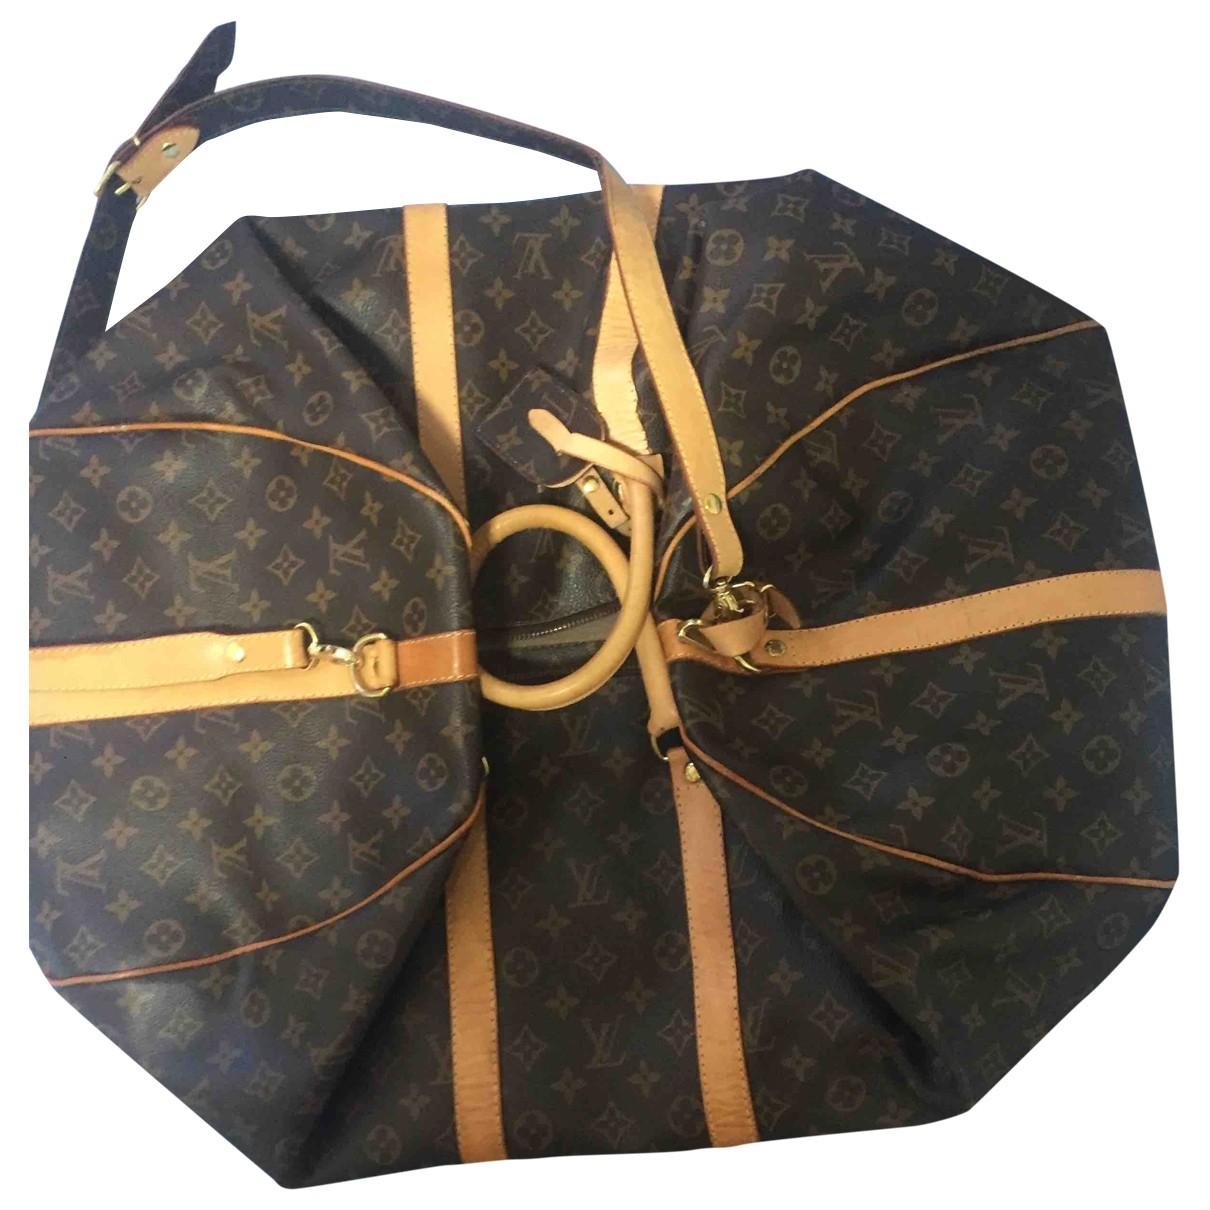 Louis Vuitton - Sac de voyage Keepall pour femme en toile